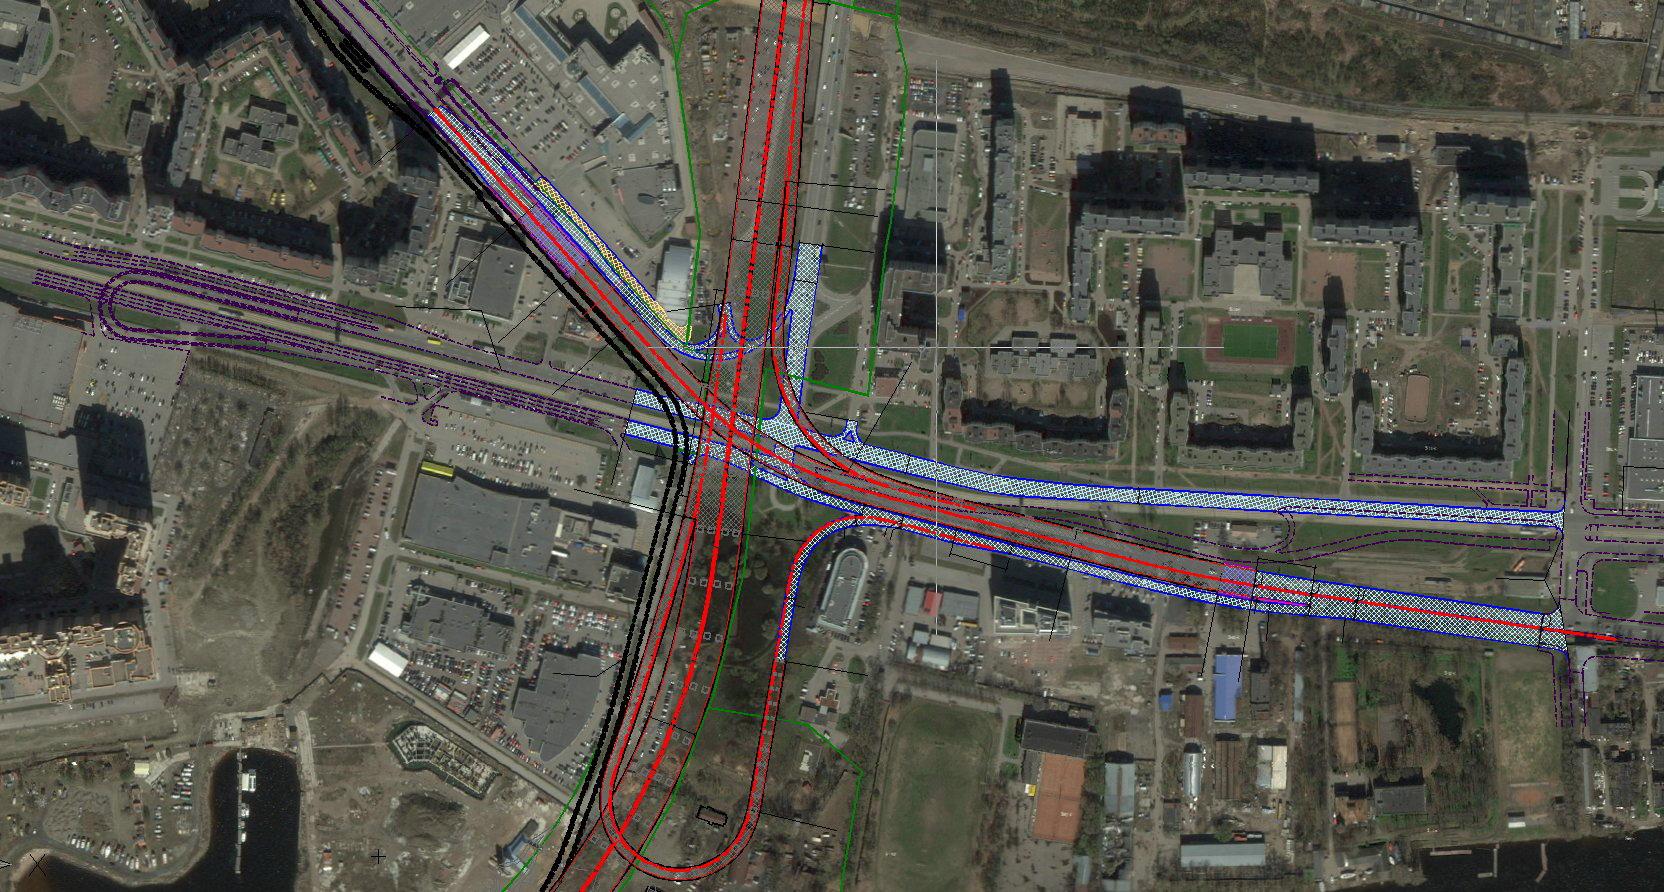 Схема развязки наложенная на спутниковый снимок.  Кликните, чтобы увеличить.